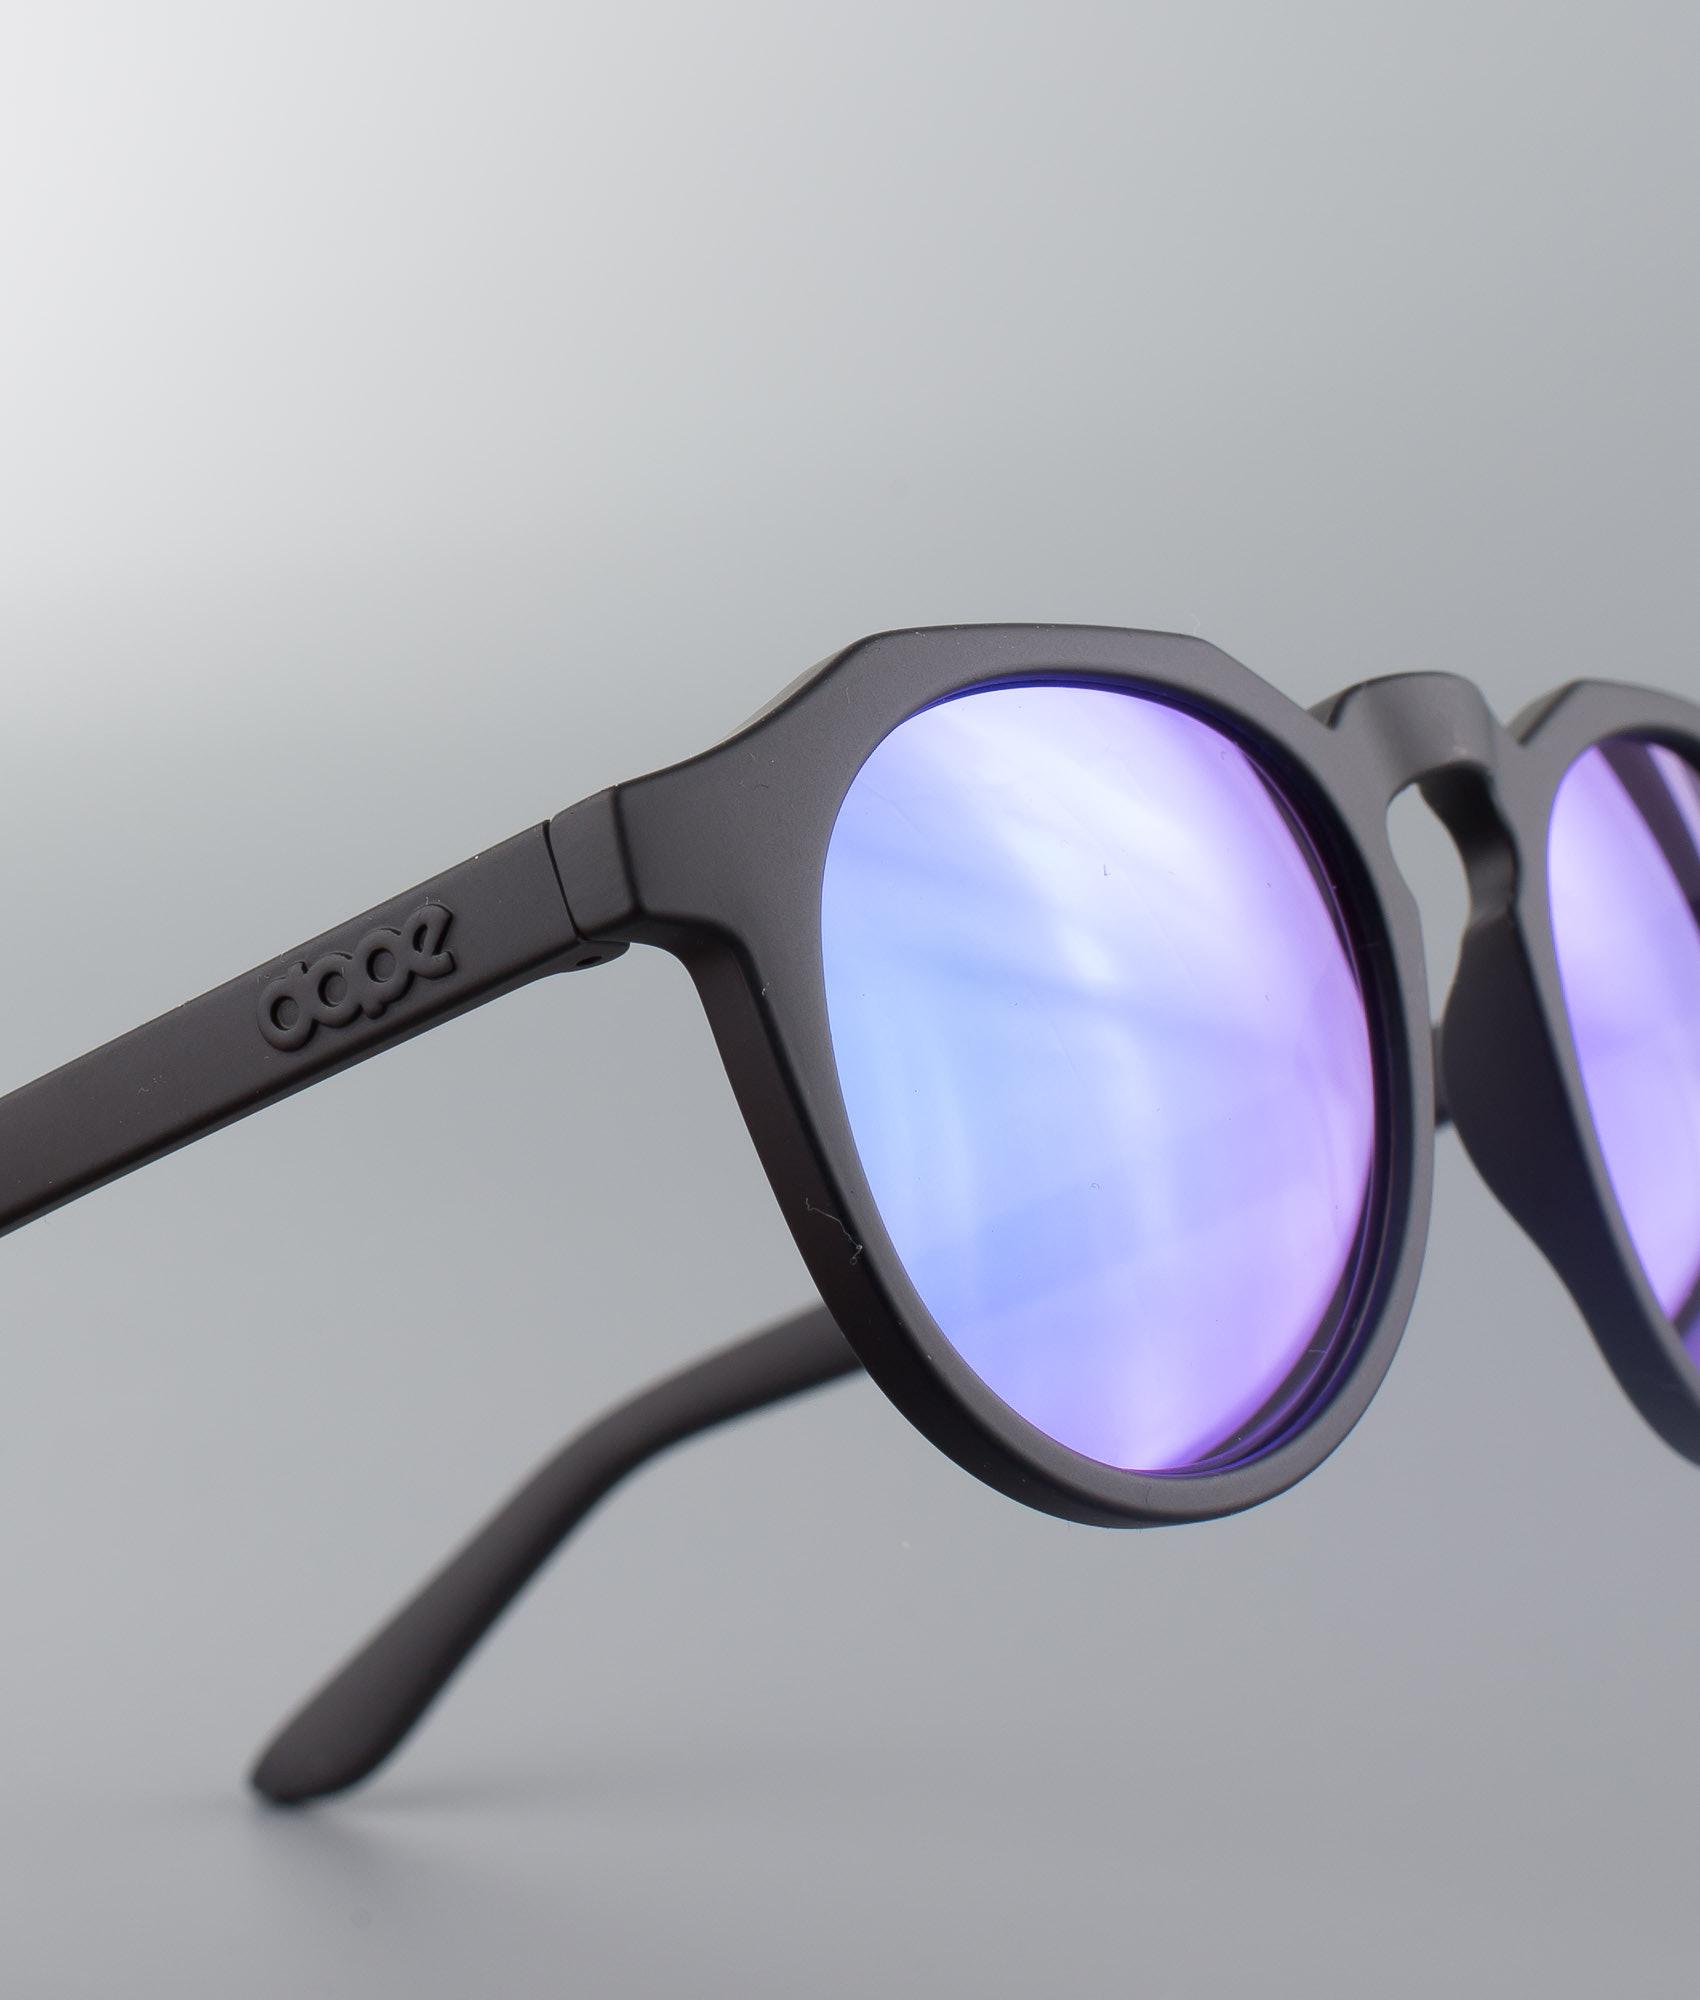 592068d0c0e Dope Old School 3 Sunglasses Matte Black Mirror Purple - Ridestore.com